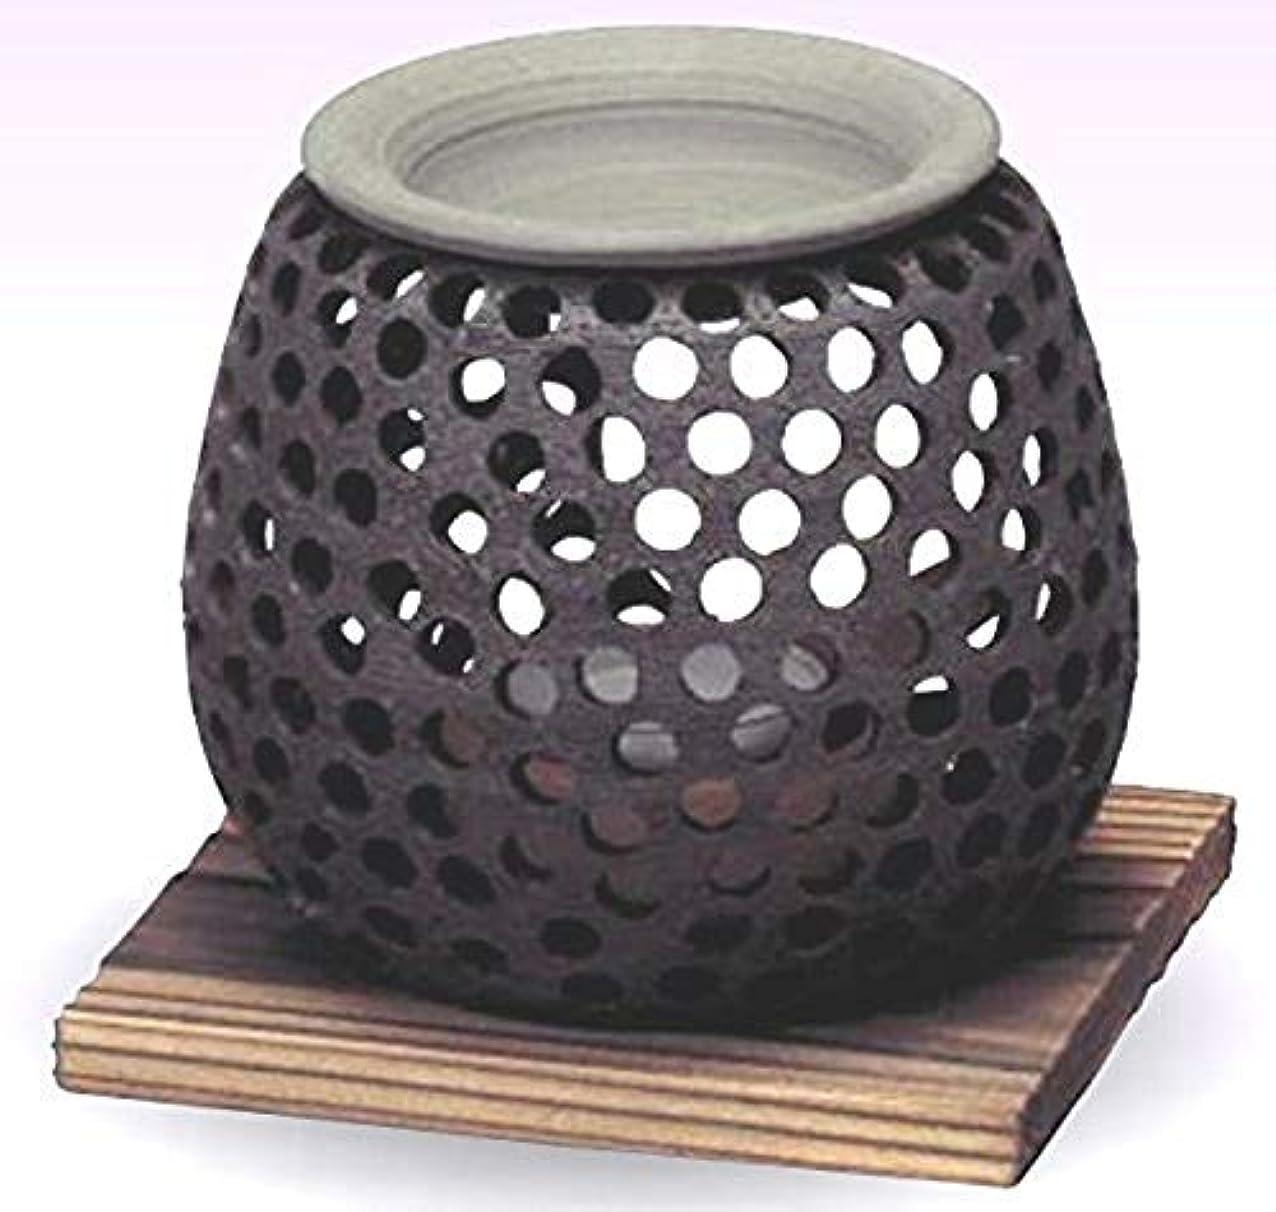 対応する十分ではない根絶する常滑焼 石龍作 茶香炉(アロマポット)径10×高さ10cm